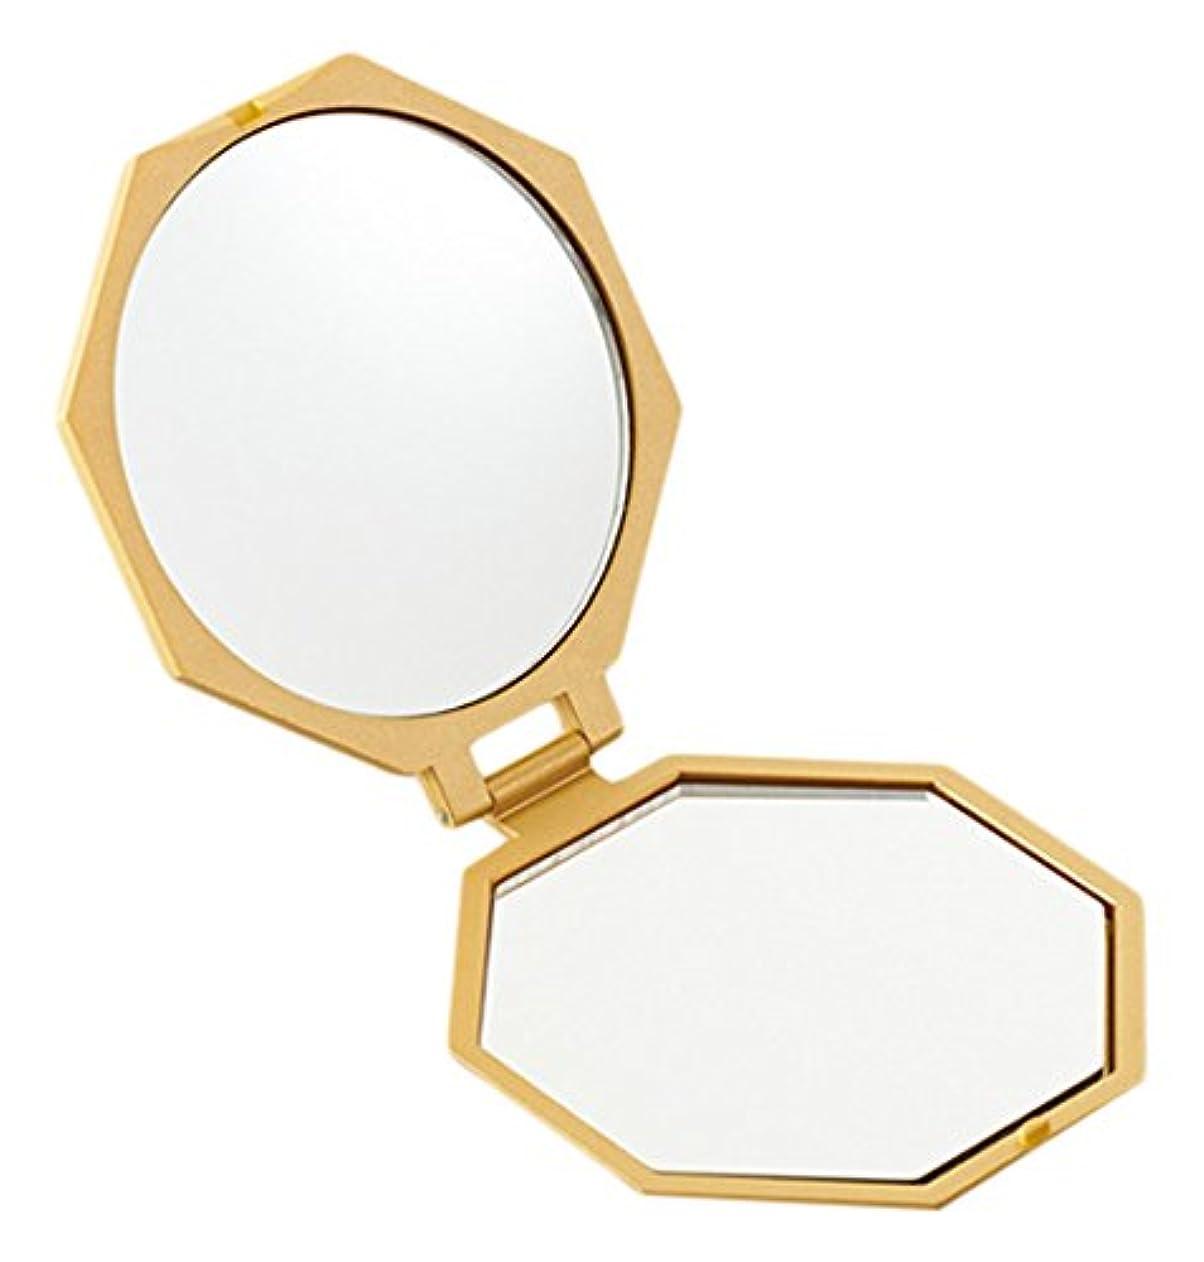 額エゴマニアフィードアイメディア 10倍拡大鏡コンパクト八角ミラー